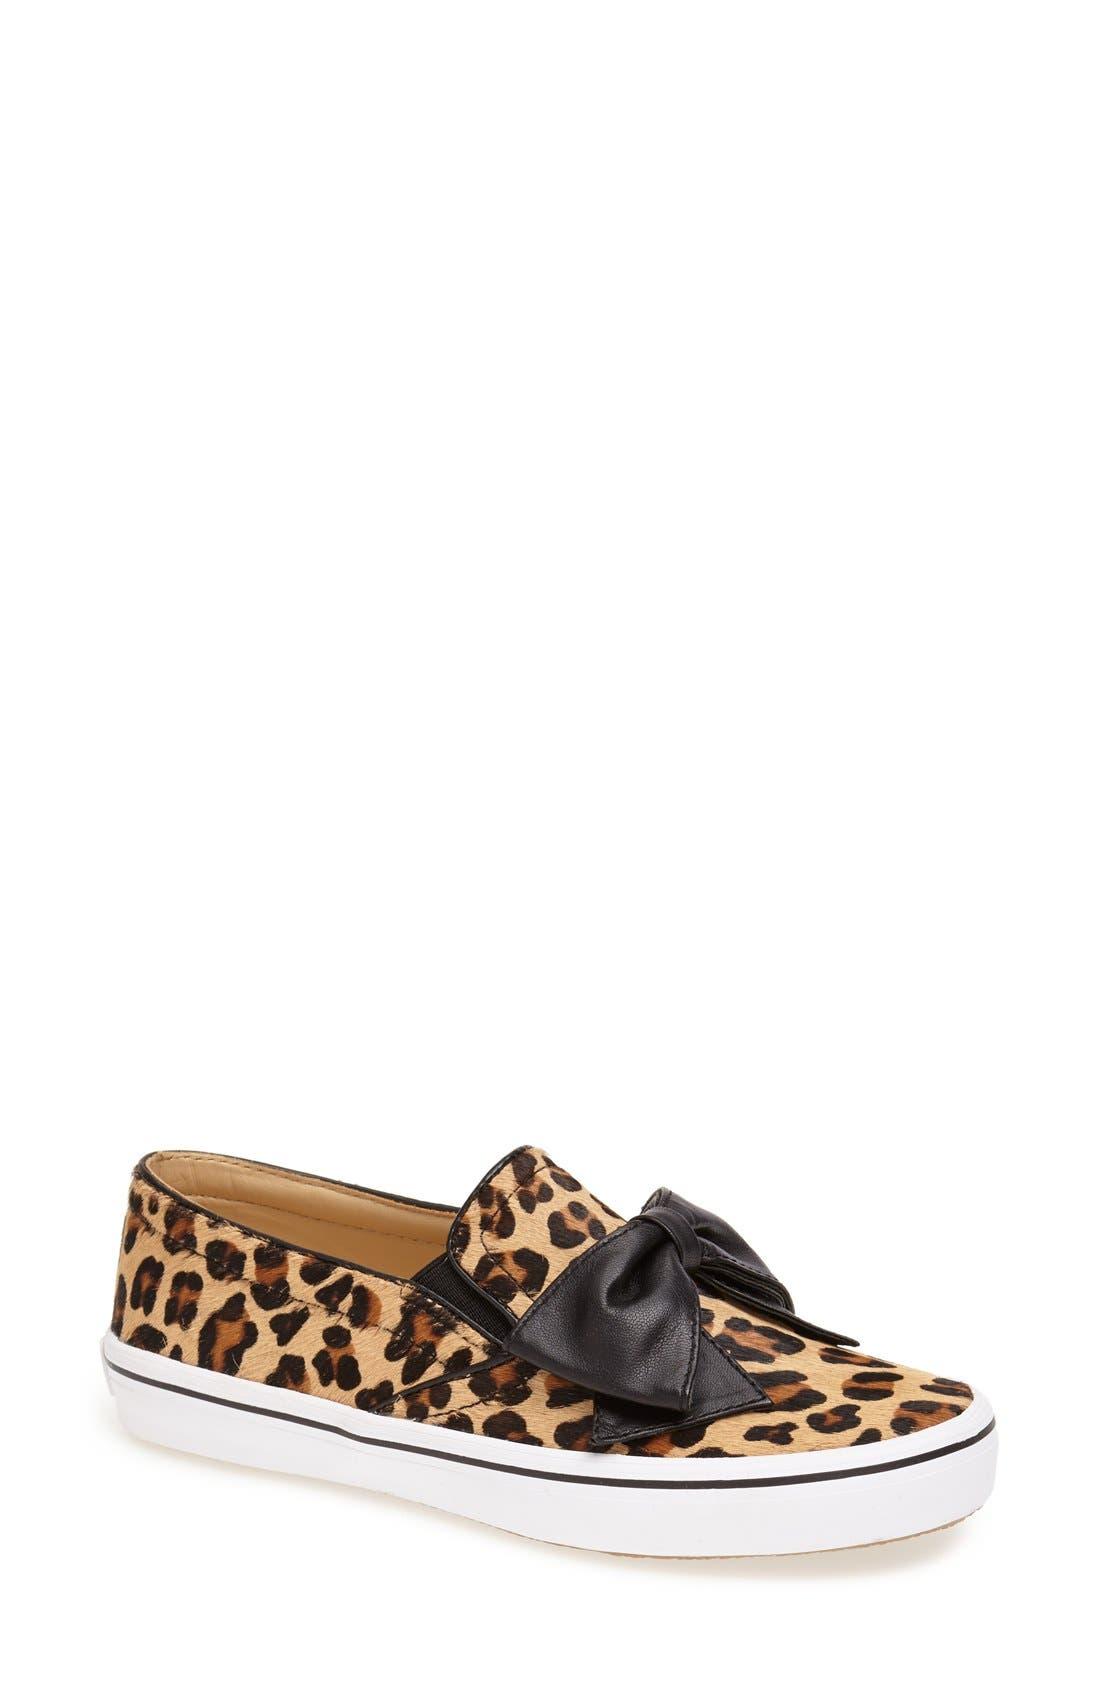 Alternate Image 1 Selected - kate spade new york 'delise' slip-on sneaker (Women)